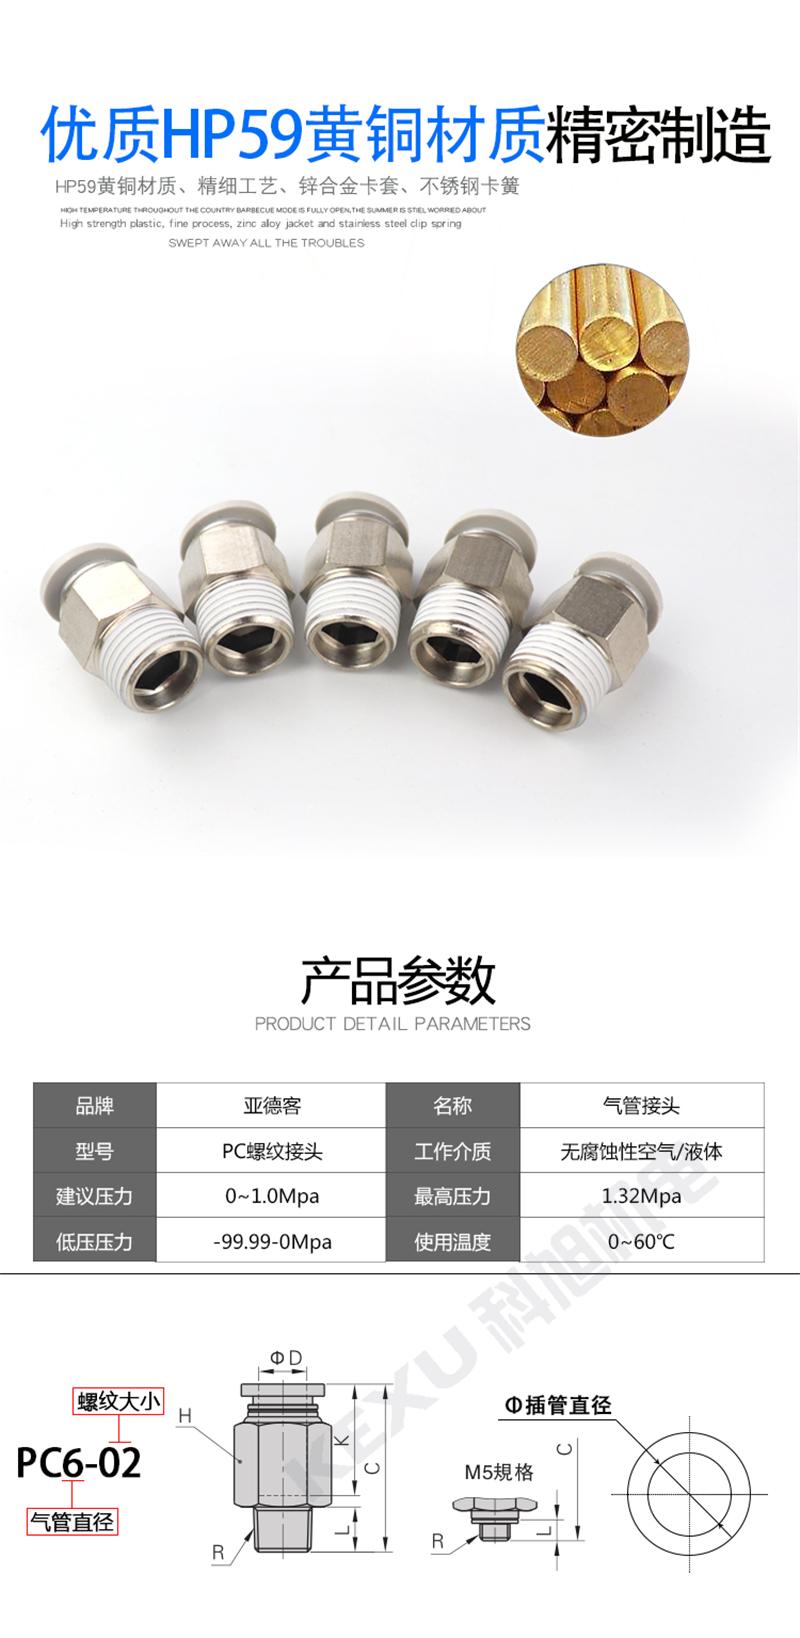 亚德客气管快速接头APC14-04内螺纹APC6/8/10/12/14/16螺纹直通 原装正品 产品材质与参数